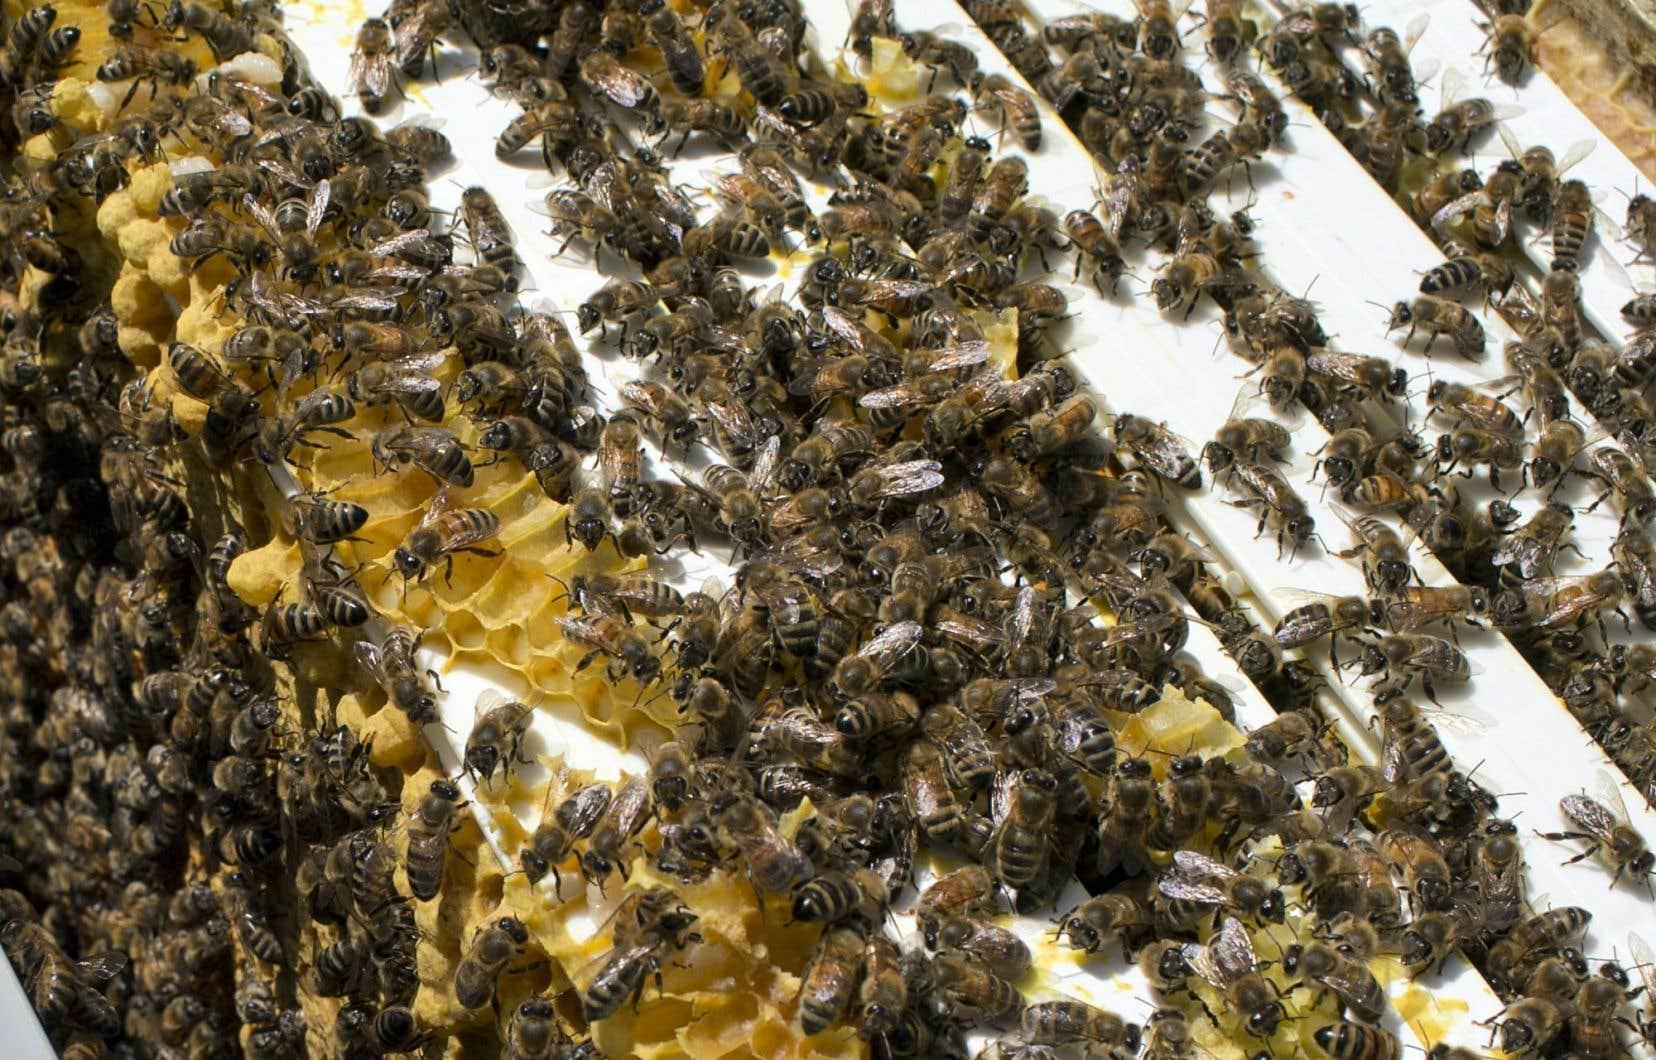 Après l'hiver 2014-2015, ce sont 16% des abeilles qui sont mortes, la moyenne la plus basse des huit dernières années.